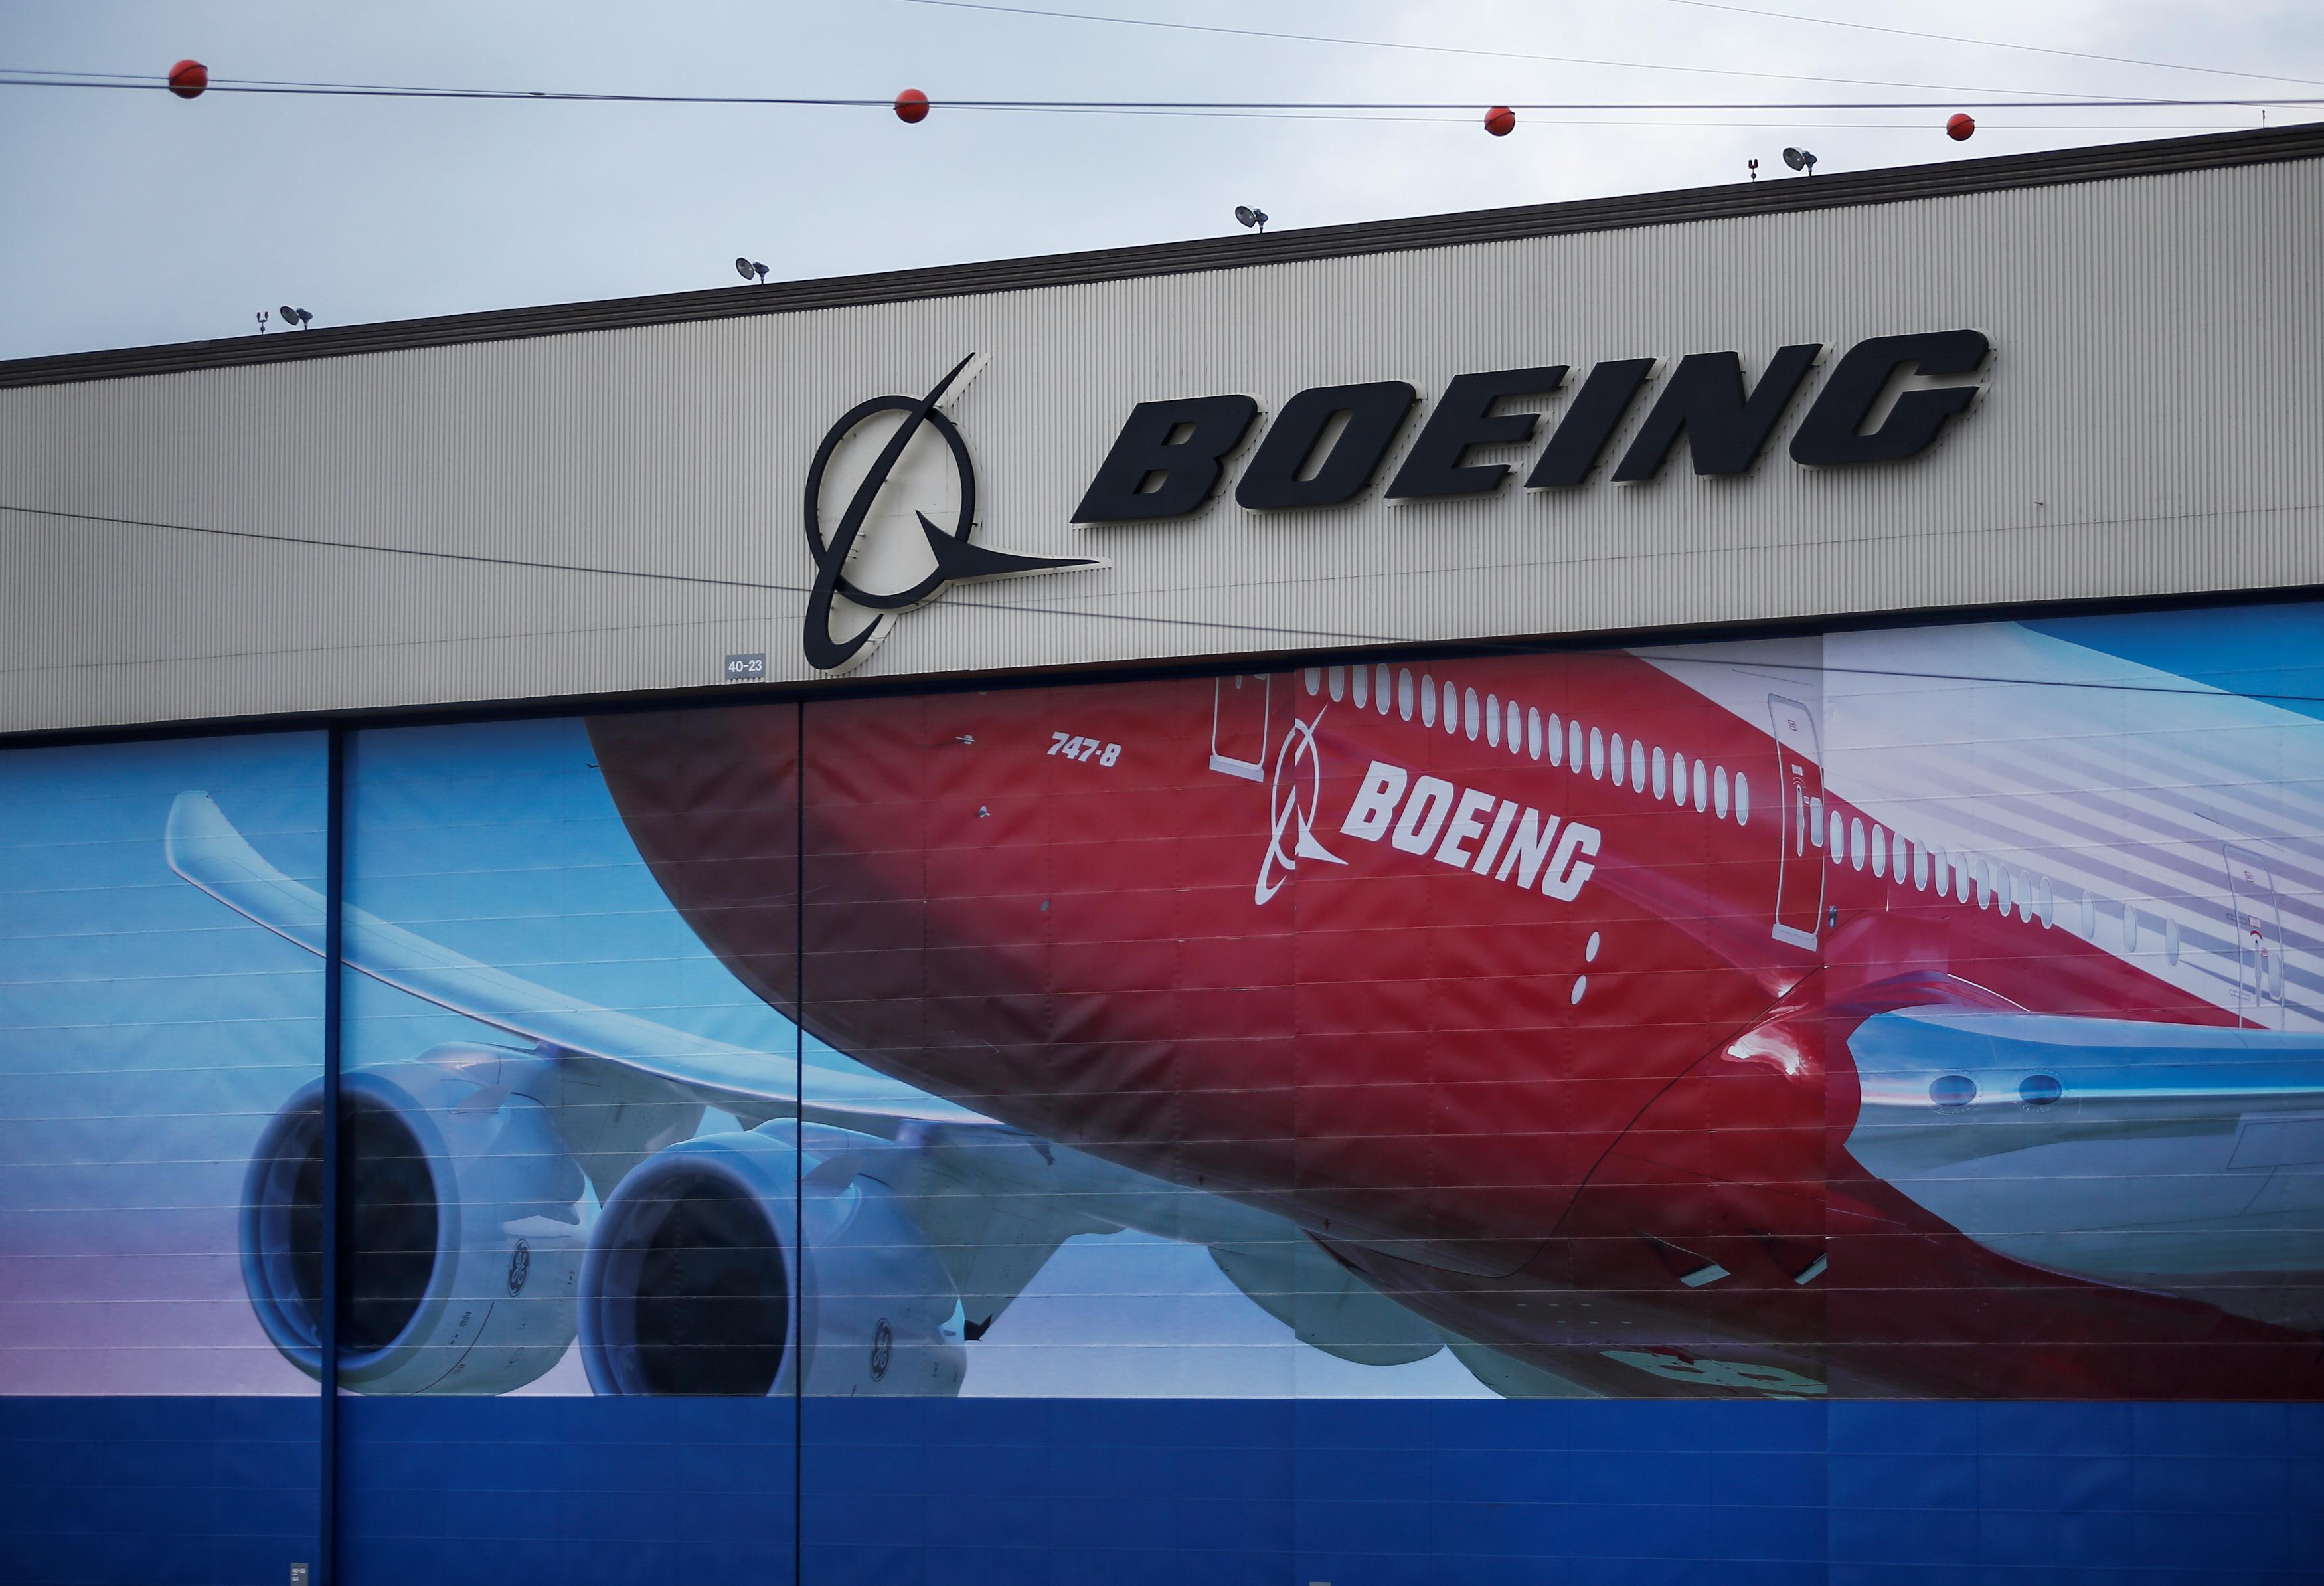 Boeing cắt giảm 12,000 việc làm và sẽ tiếp tục cắt giảm trong tương lai